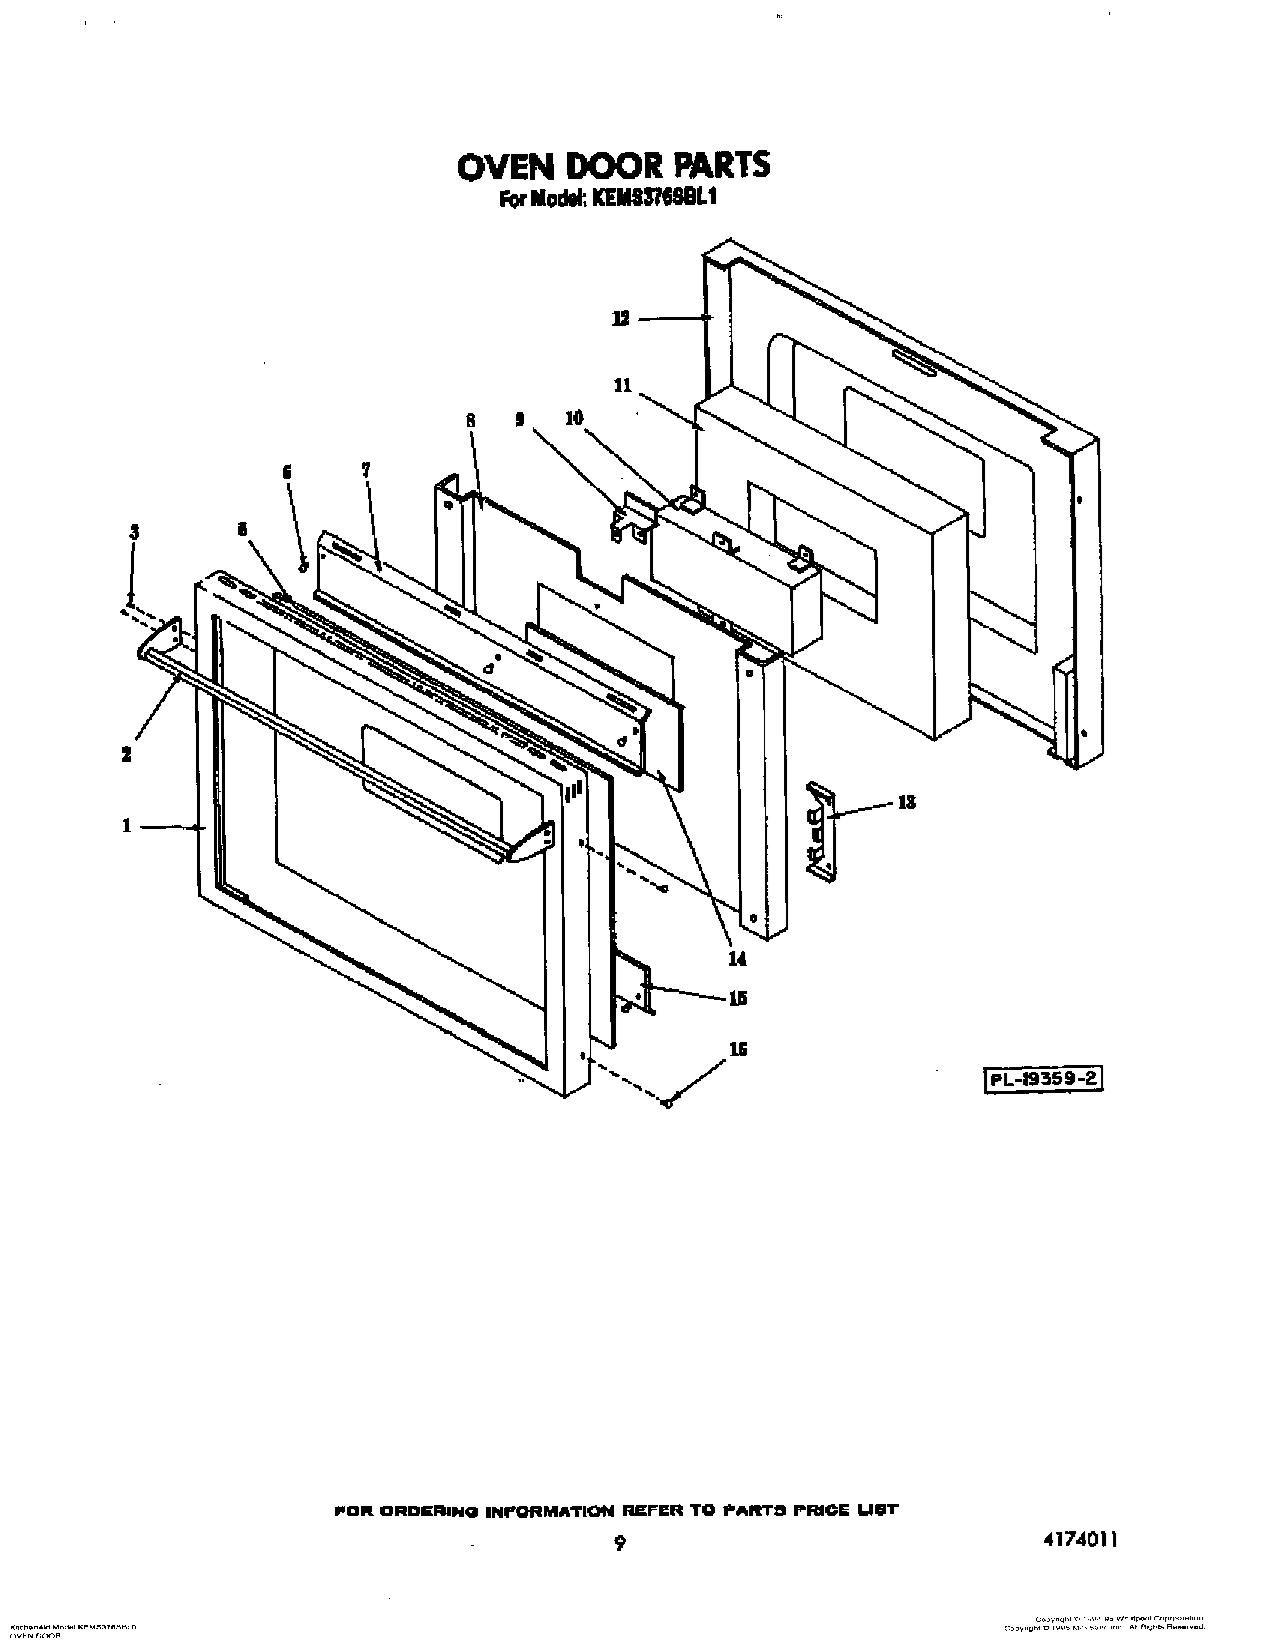 Kems376sbl1 Oven Door Lit Optional Built In Oven